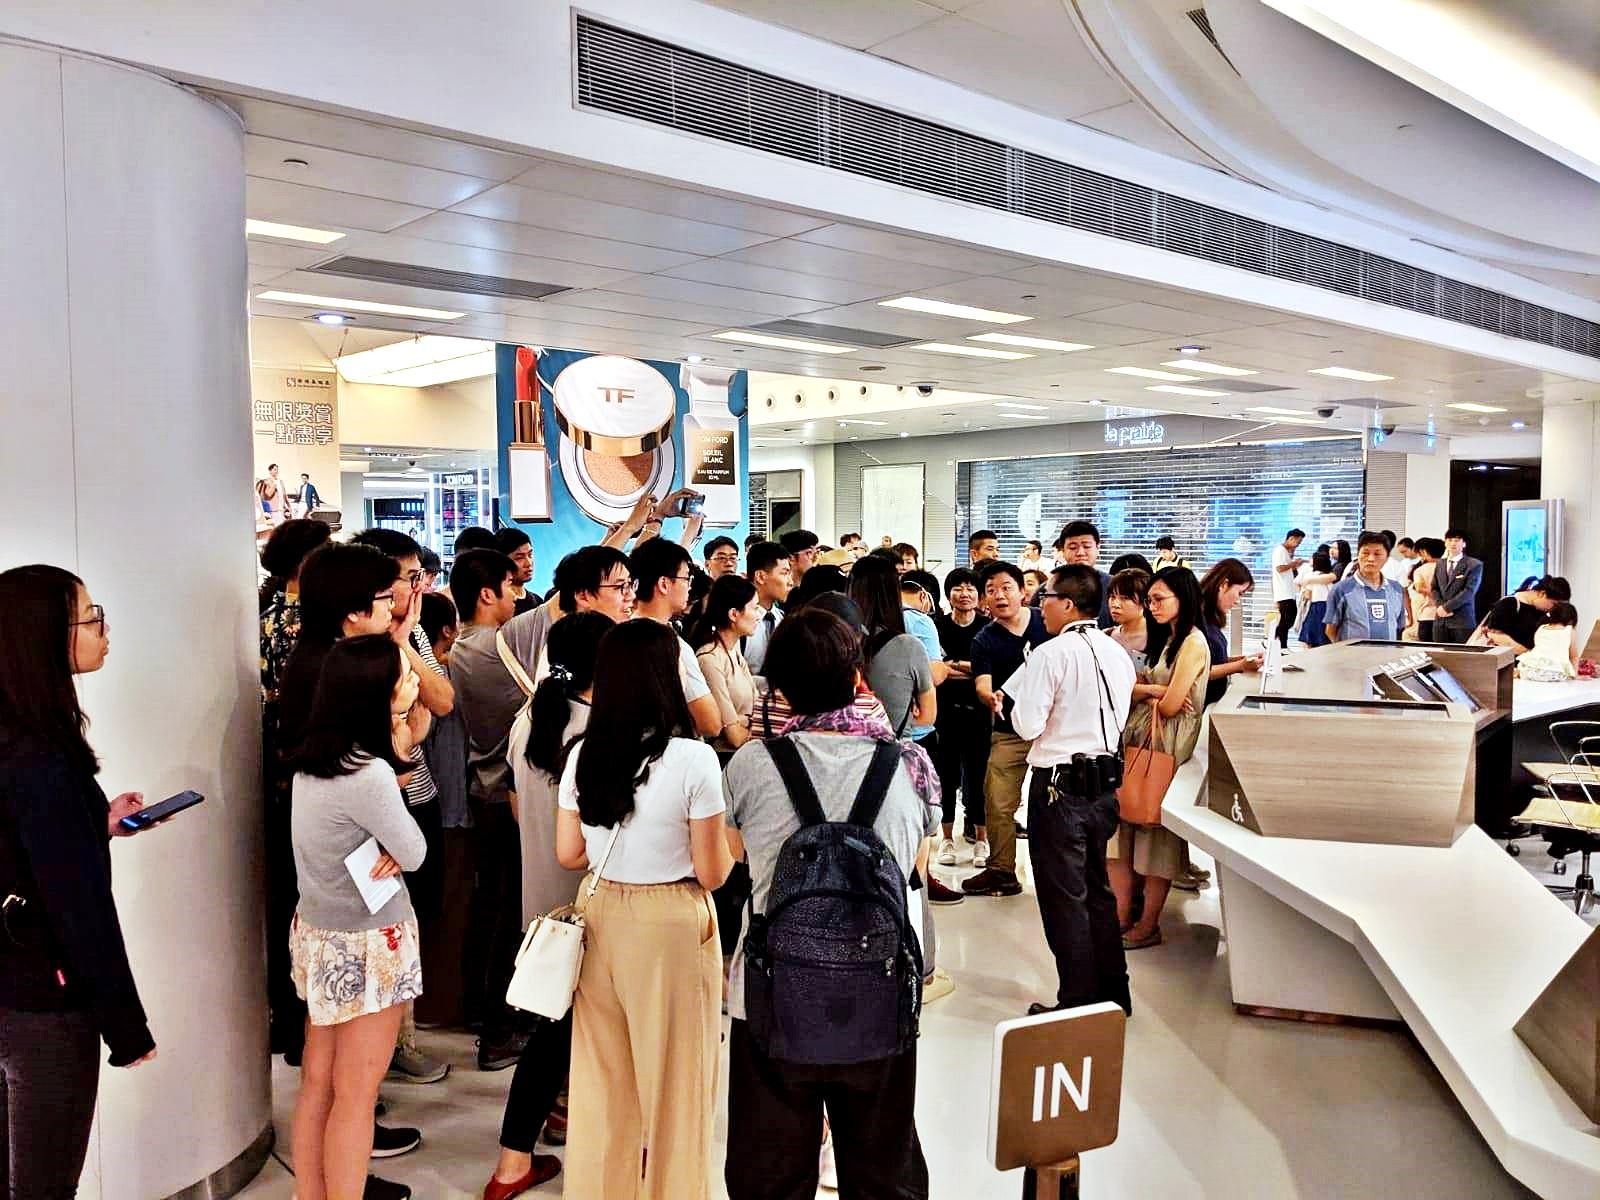 昨晚有大批市民包圍新城市廣場詢問處。 「萬人齊撐!!!快發牌比香港電視!!!」專頁FB圖